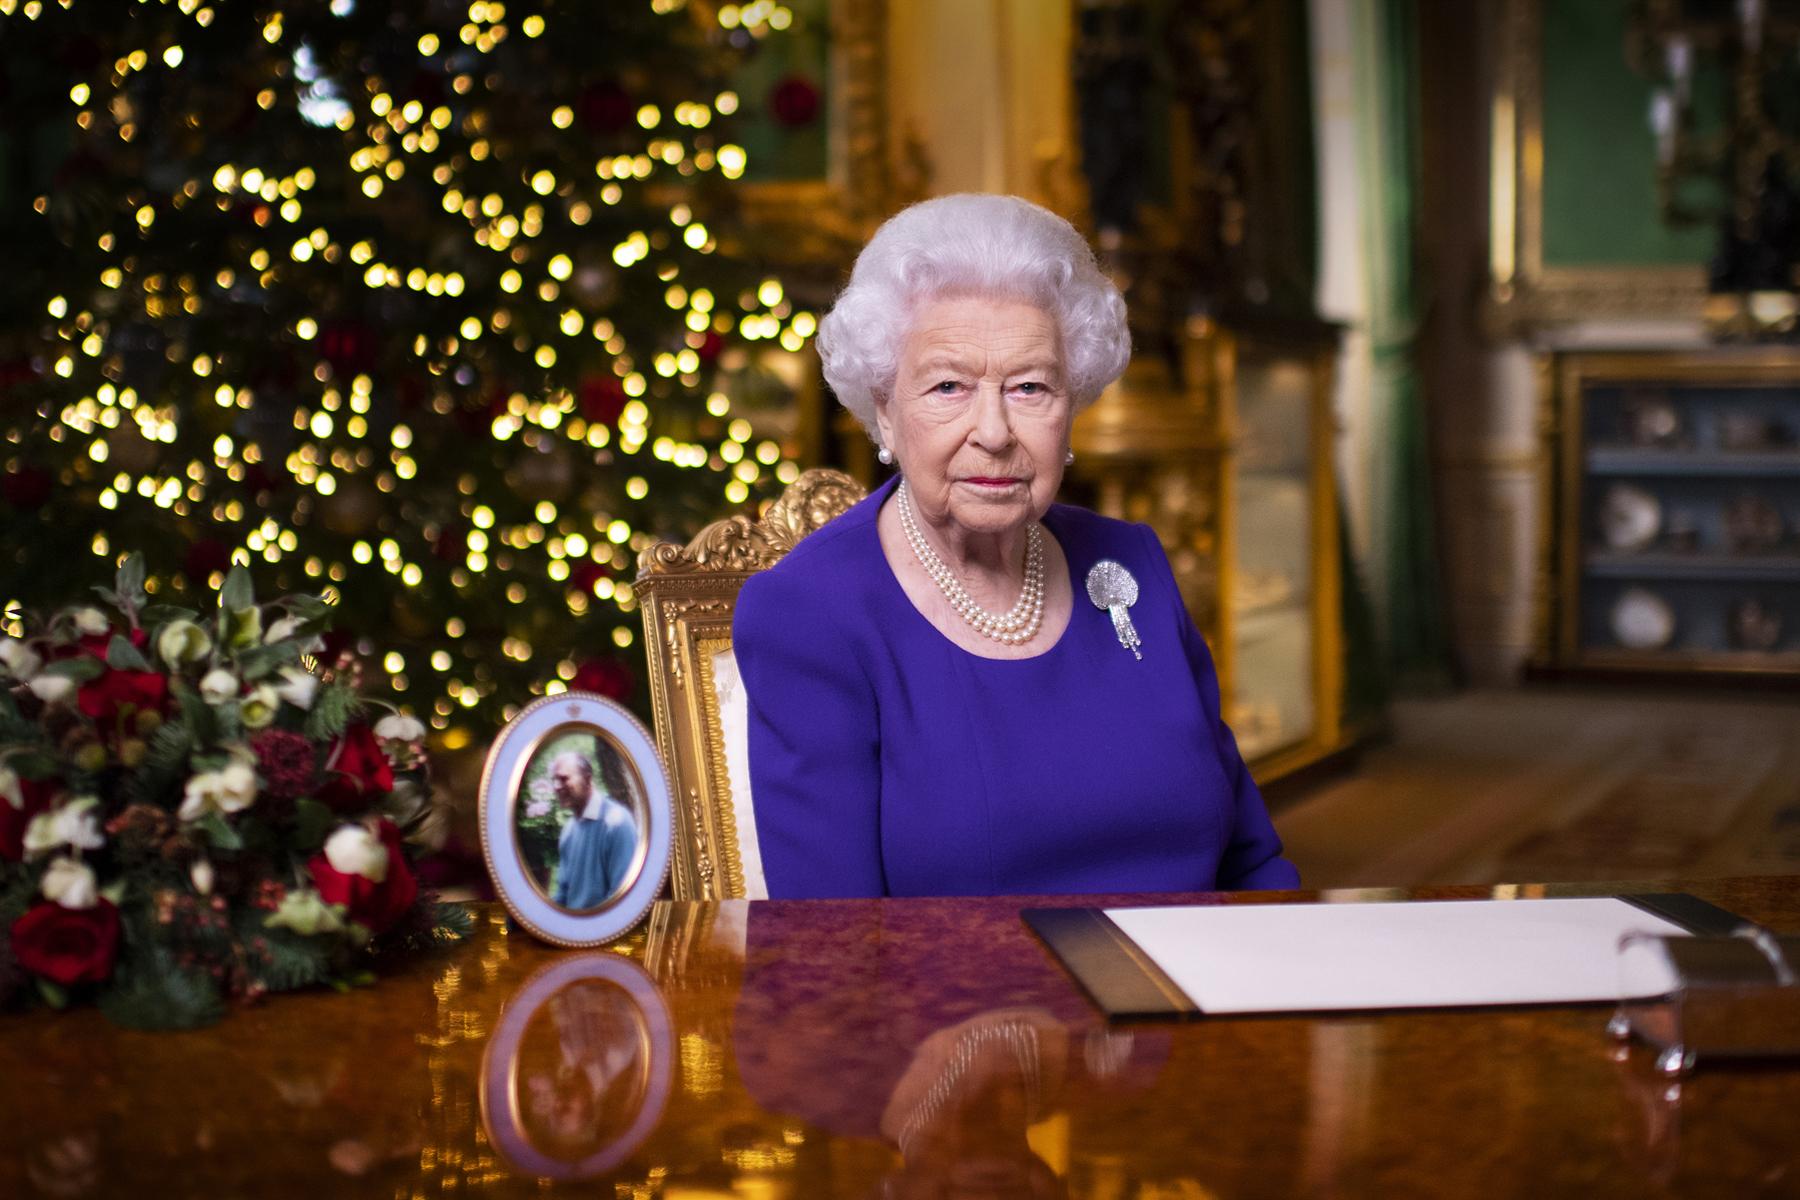 Erzsébet királynő is aláírta a Brexit-megállapodást